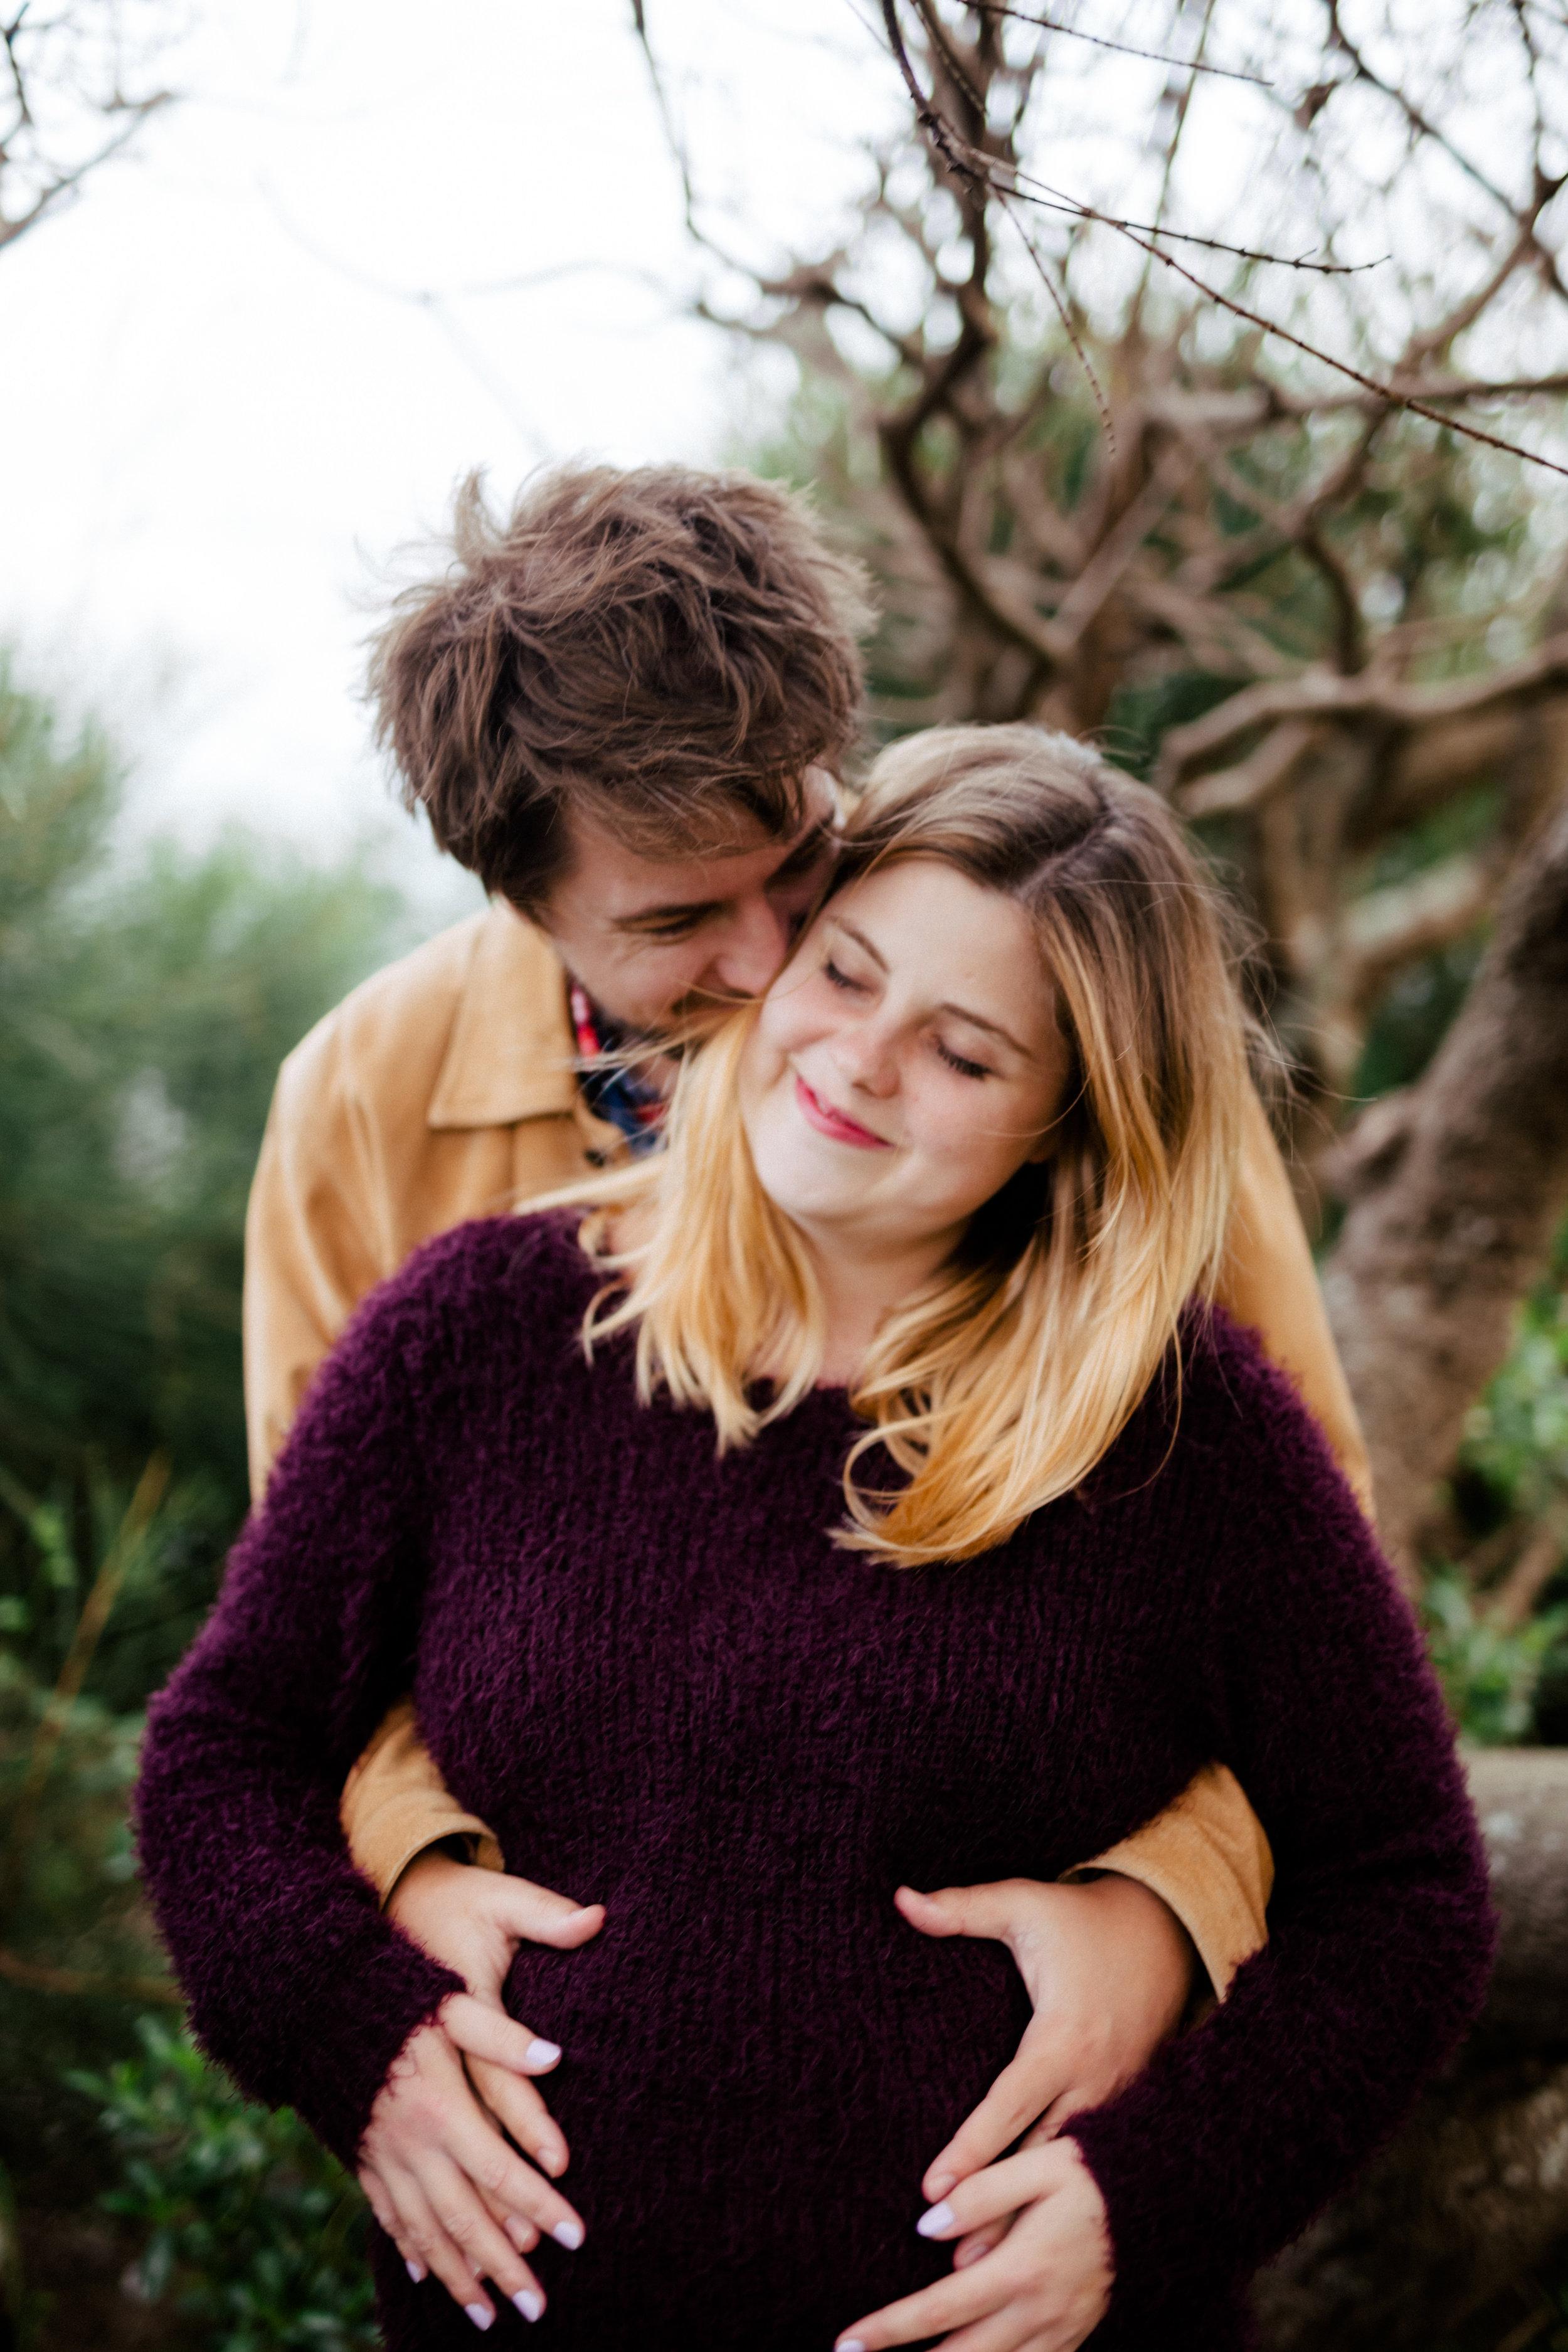 Heather&Liam&Bub-053.jpg